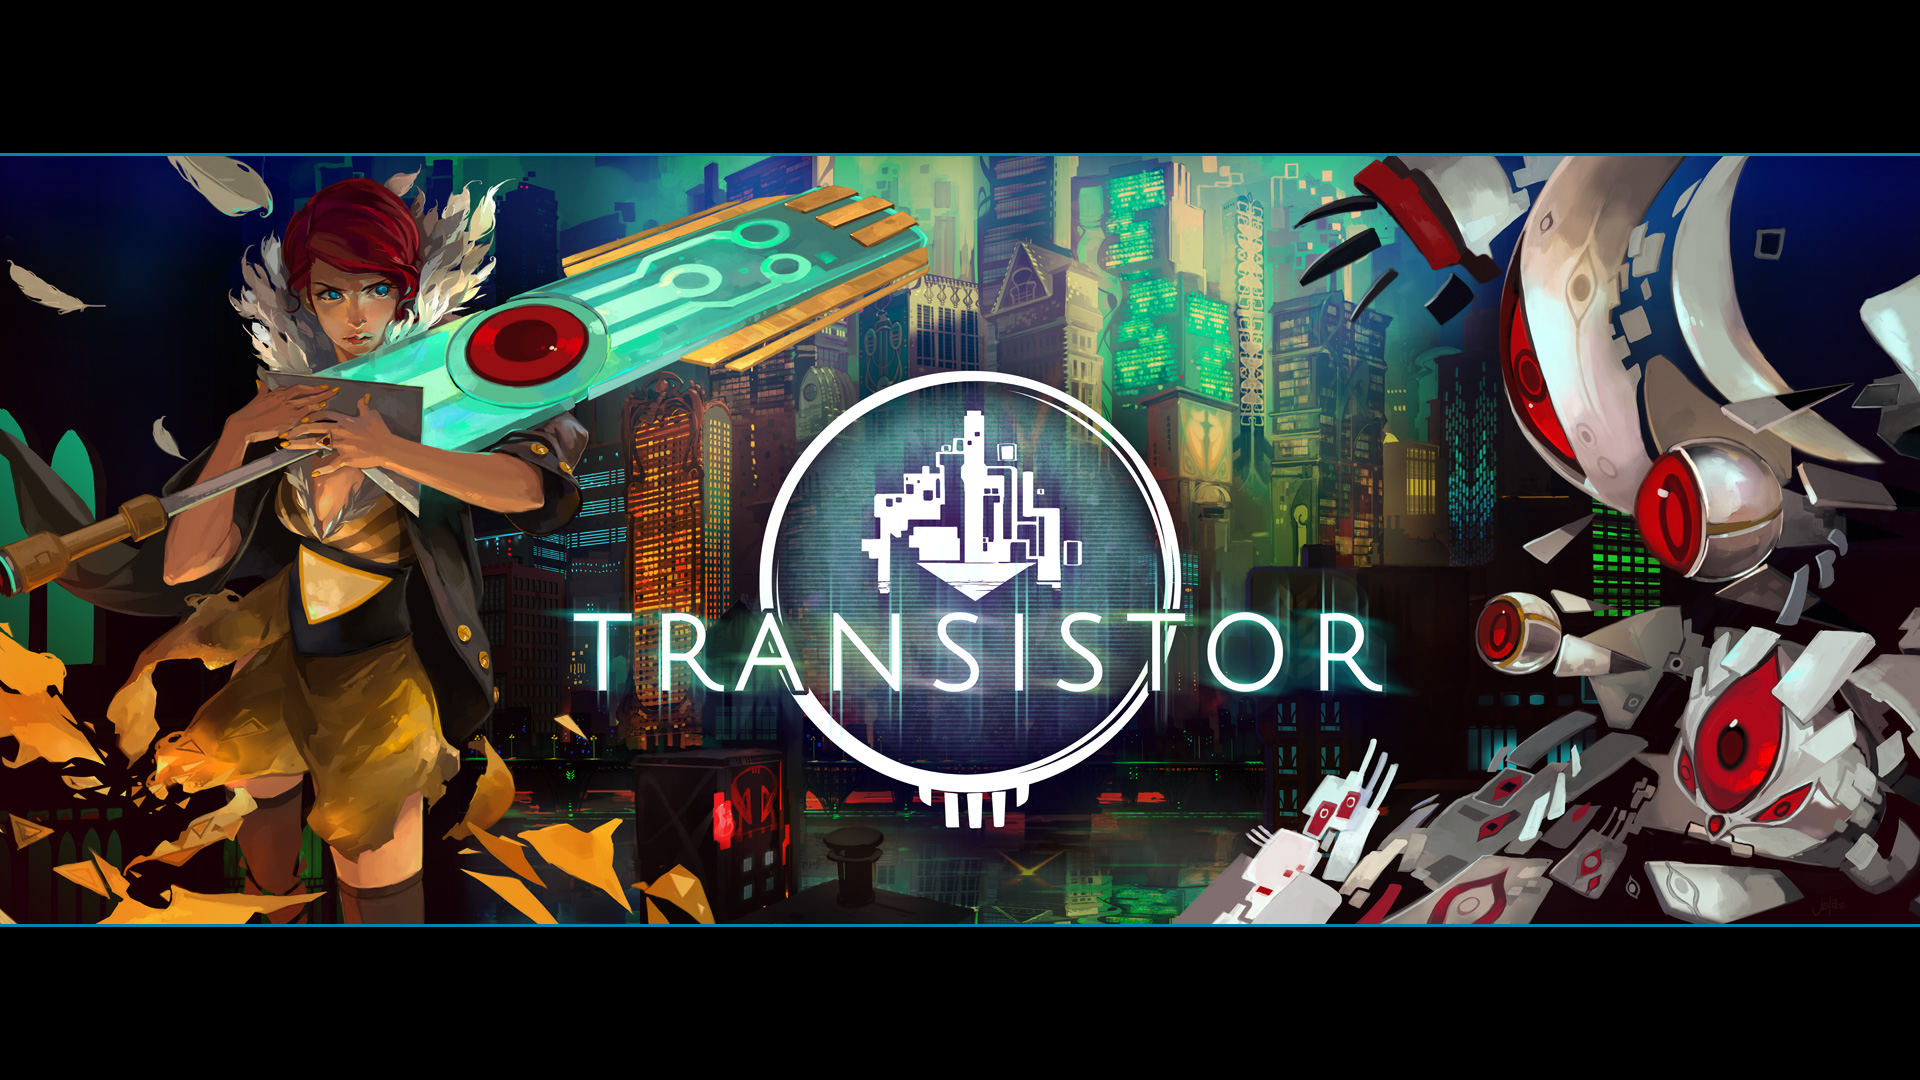 [GAMES] Transistor - Novo jogo dos criadores de Bastion Transistor